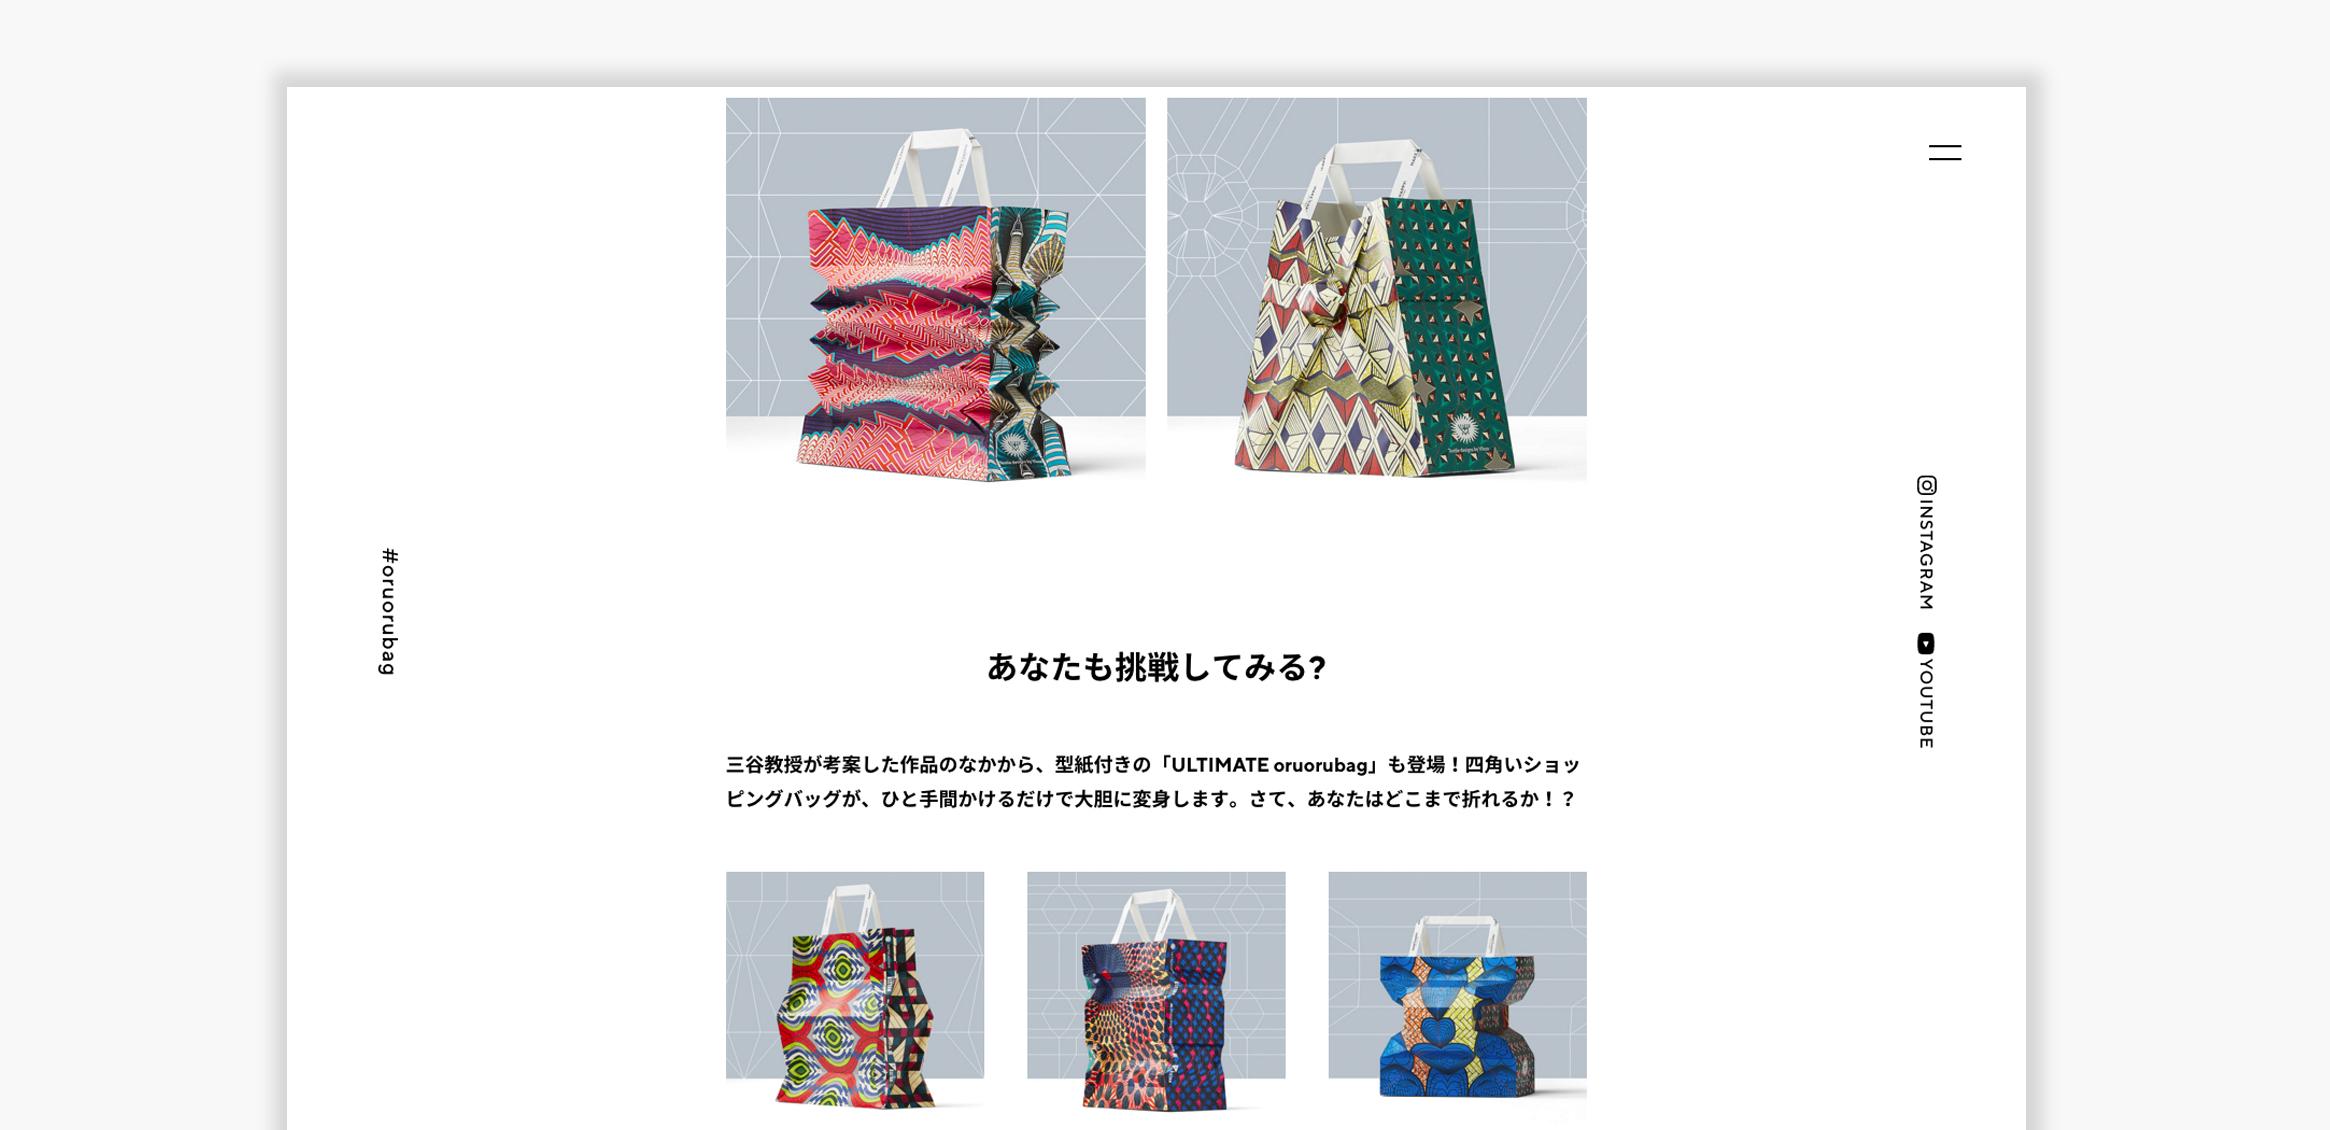 三越伊勢丹グループクリスマスキャンペーン 2017 Web4枚目